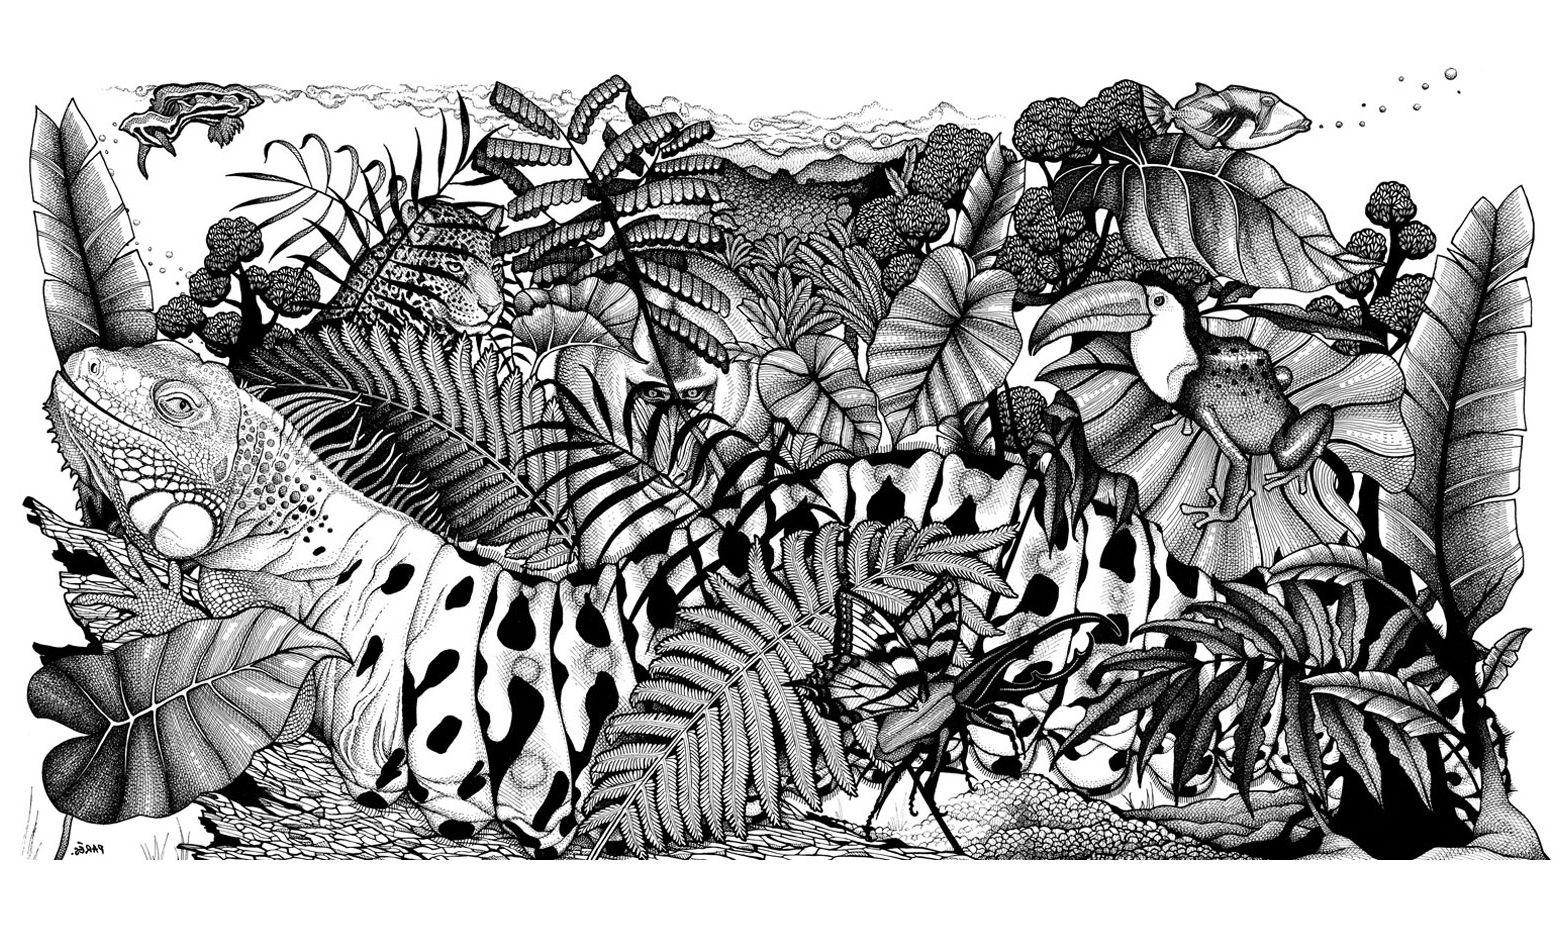 Image Cameleons Et Lezards Coloriage Difficile Jungle Animaux 1